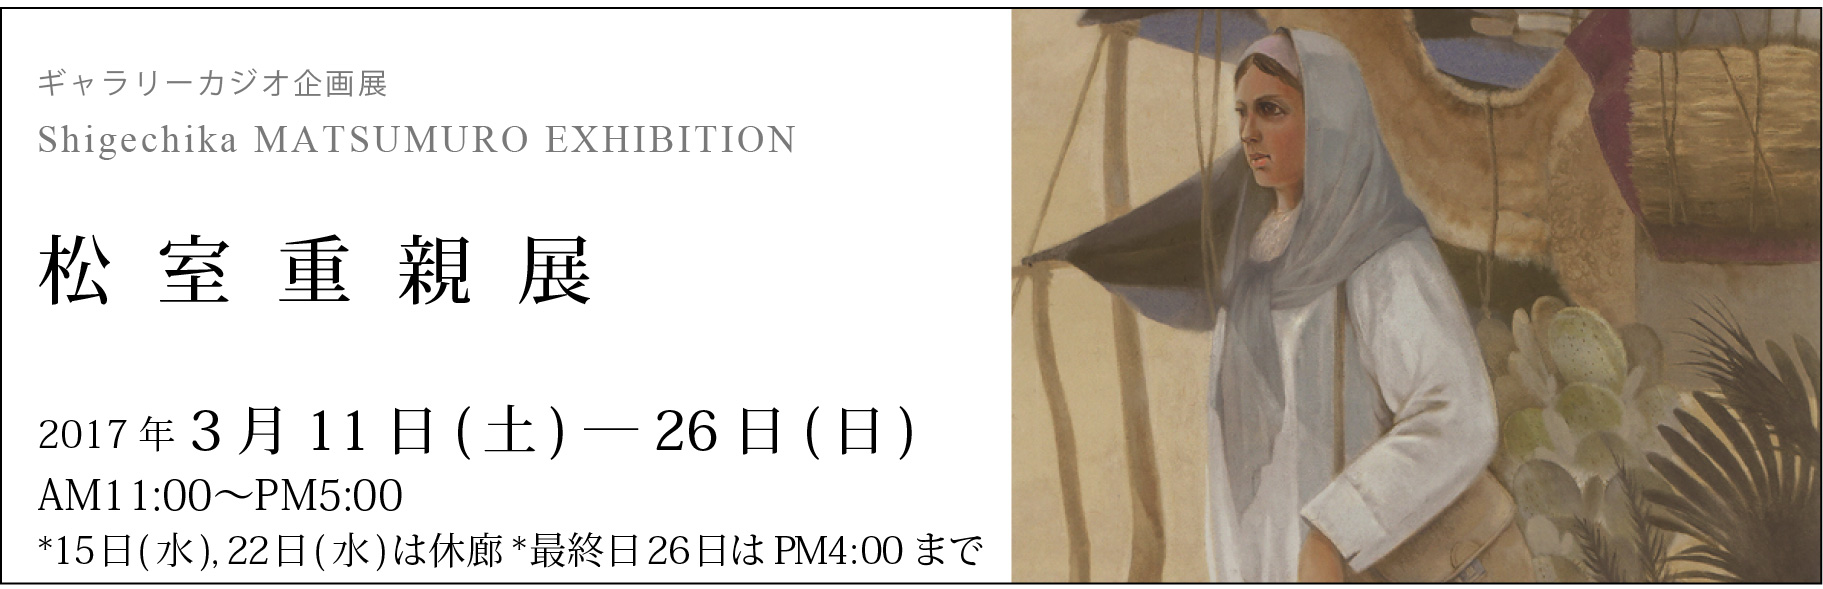 matsumuro_2017-03